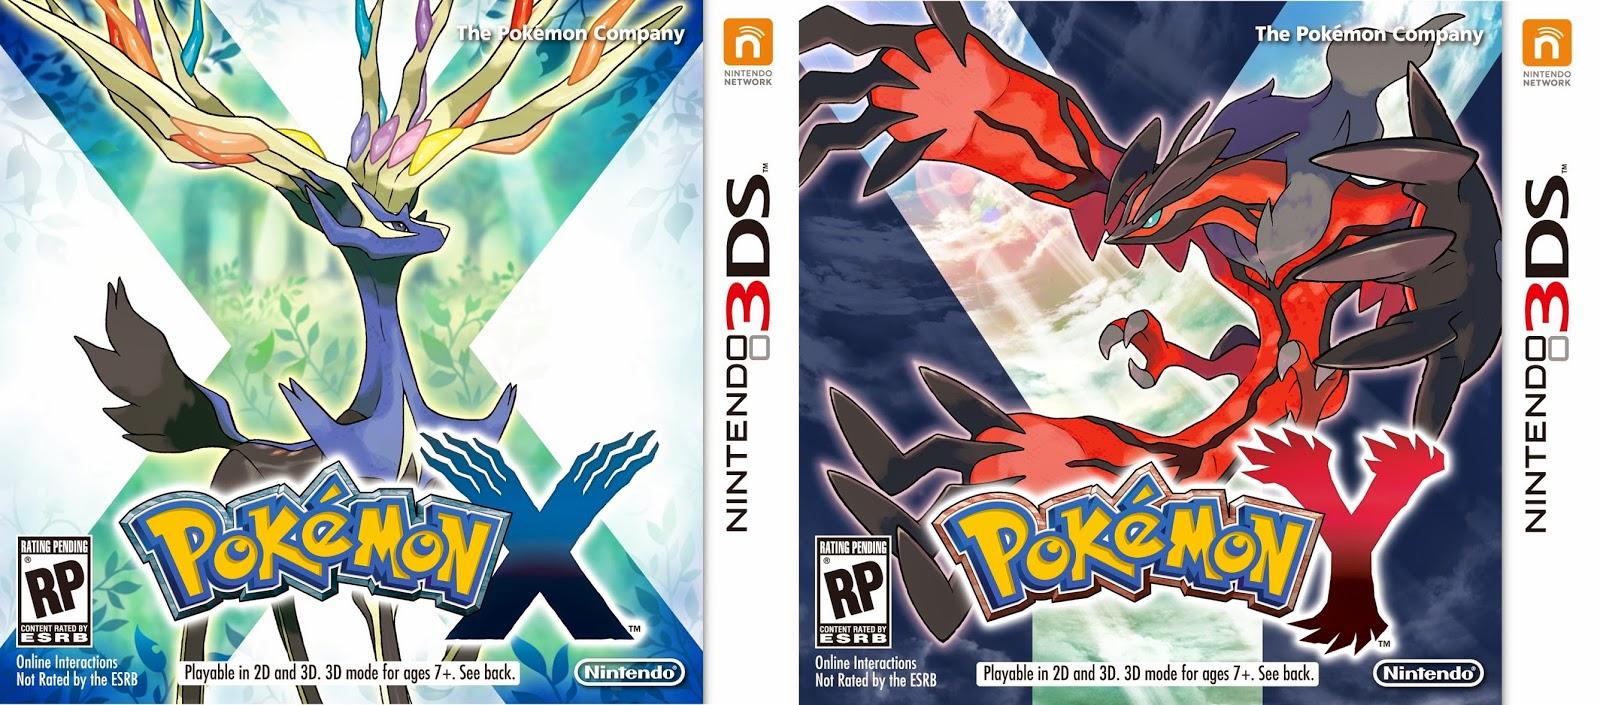 Game boy color quanto vale -  Color Game Boy Advance E Essas Mudan As N O Foram Poucas N O Foram S Nos Gr Ficos Foi Em Tudo Foi Ent O Que Demos Iniciao A 6 Gera O De Pokemon